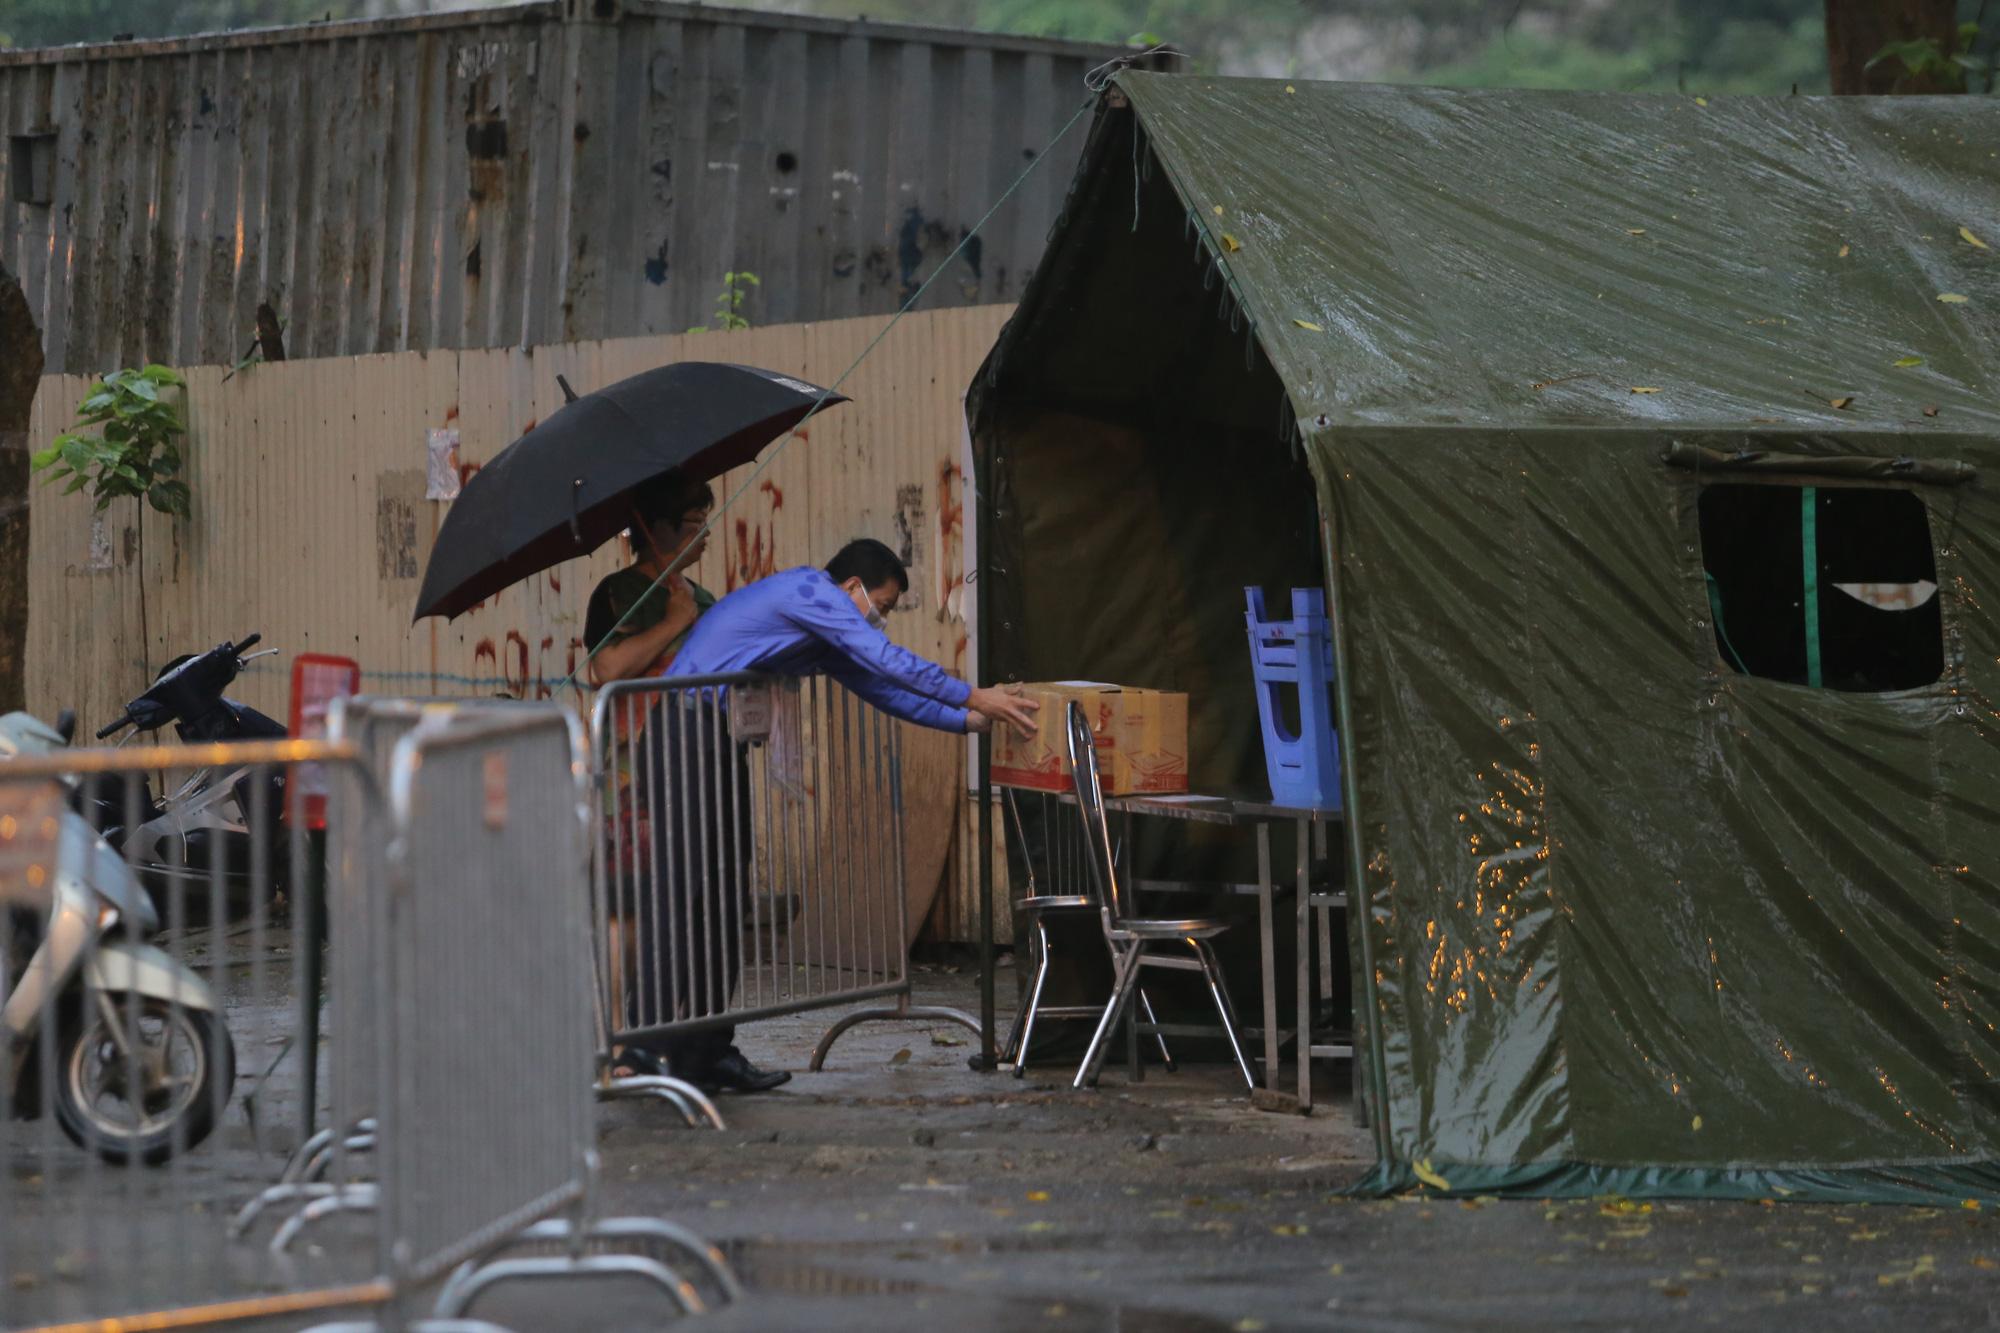 Quá giờ kí gửi đồ, nhiều người vẫn đội mưa nán lại chờ gửi đồ tiếp tế cho người thân ở khu cách ly Pháp Vân- Tứ Hiệp - Ảnh 13.